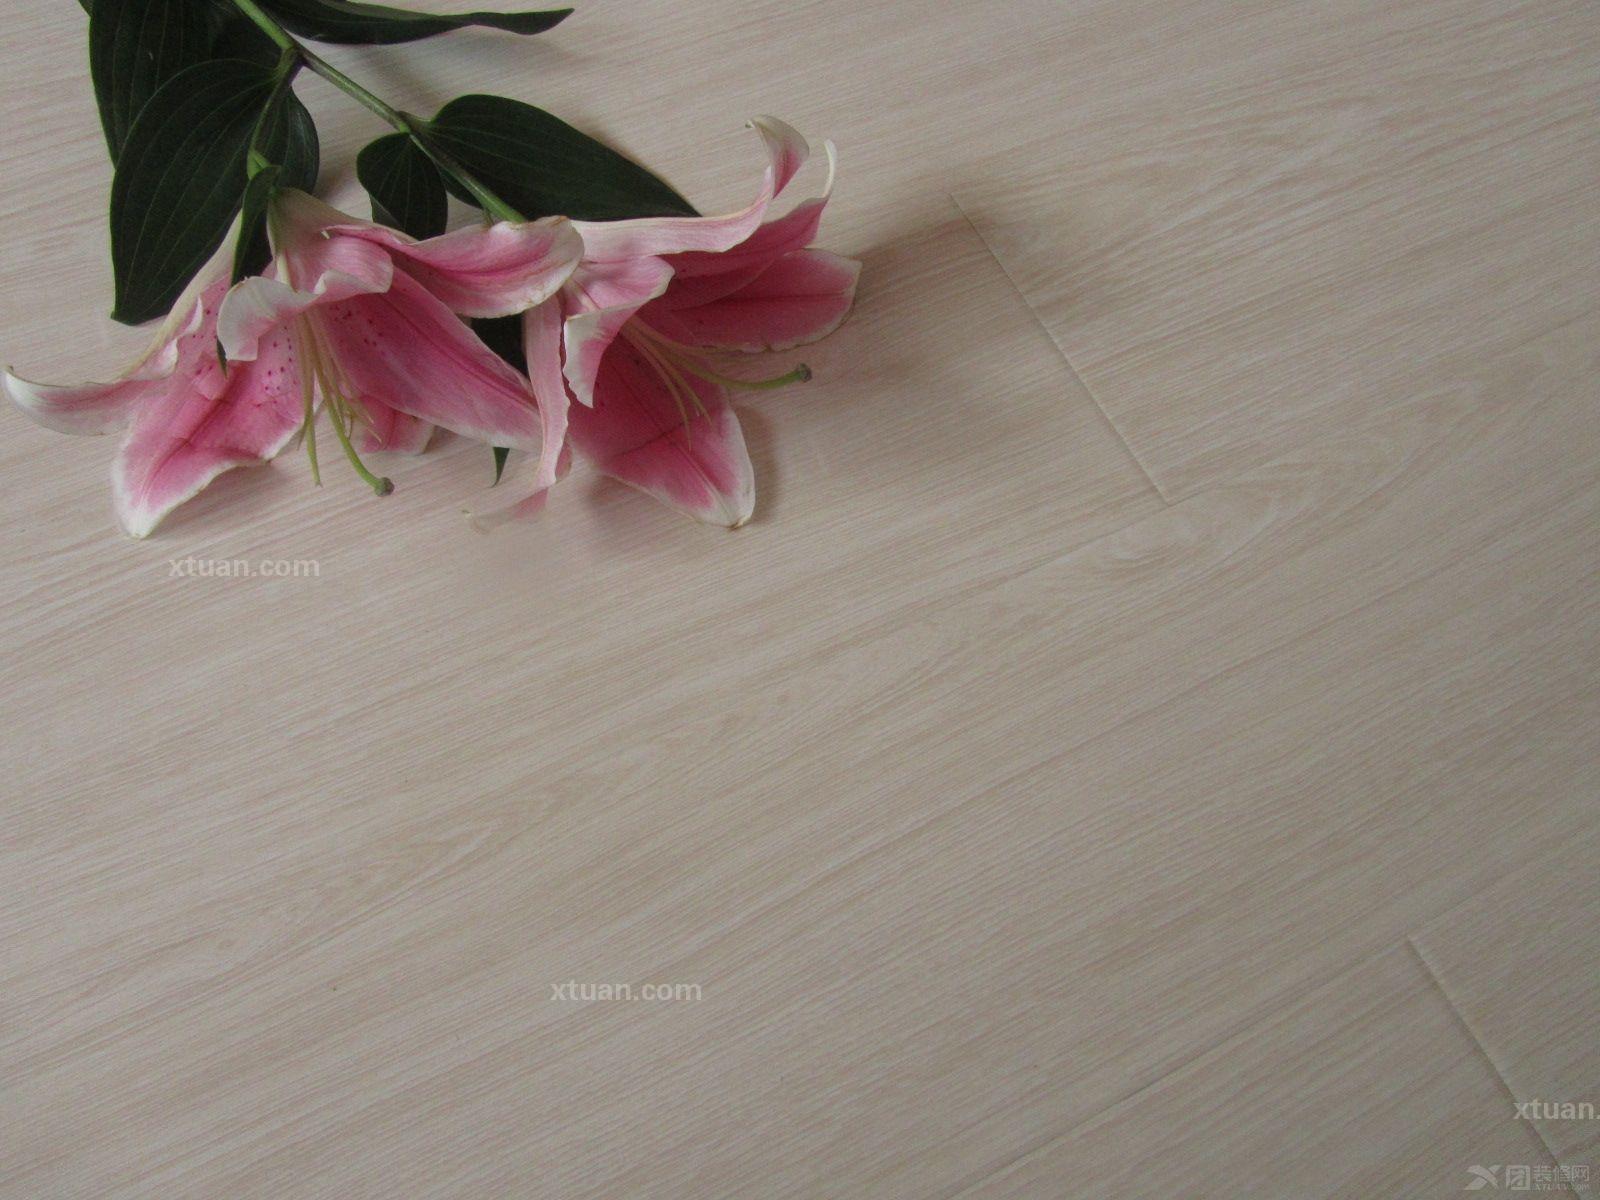 龙叶地板--格浴樱桃木室内铺装装修效果图